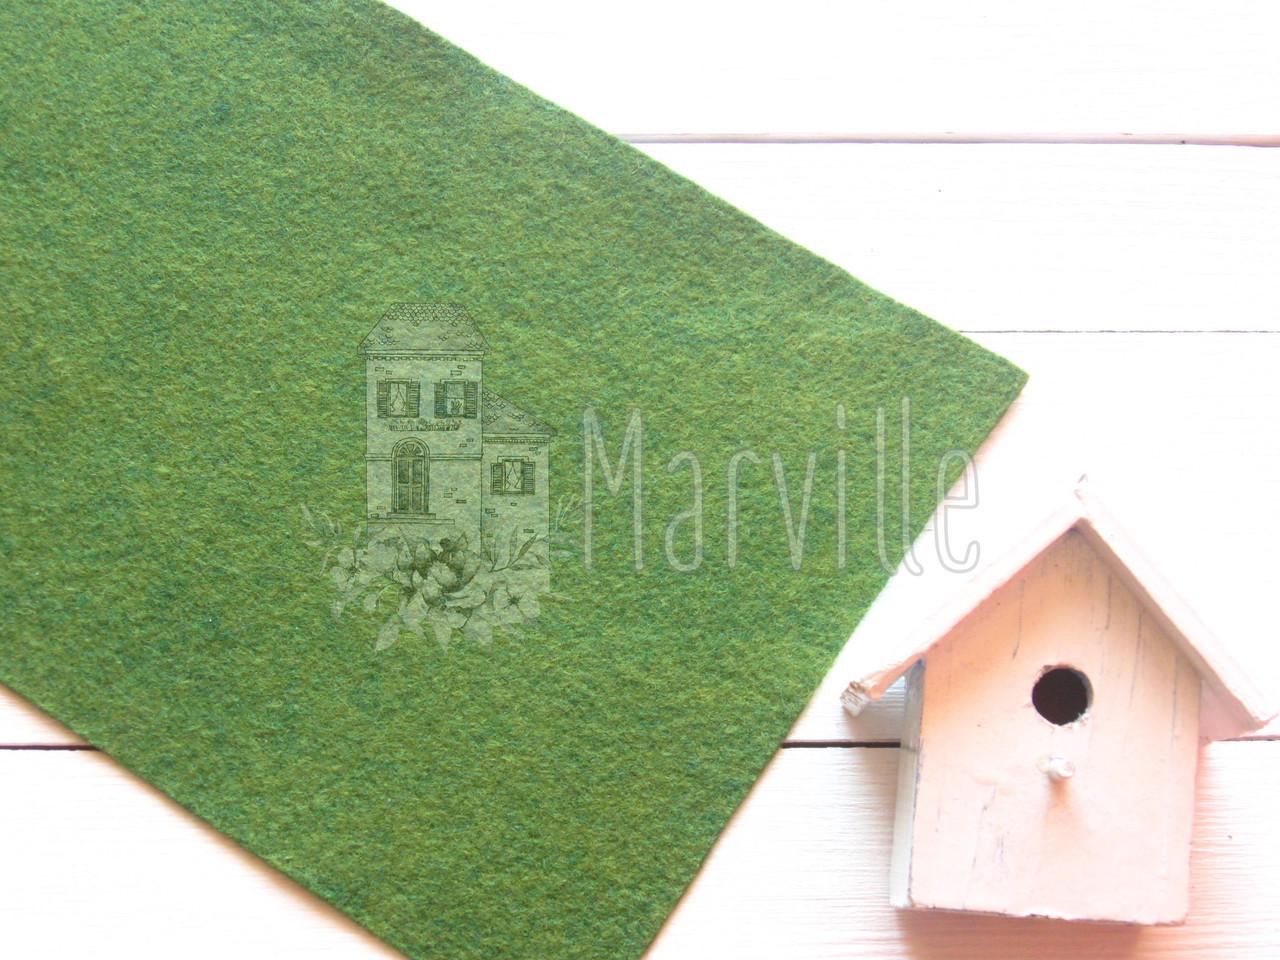 Фетр американский мягкий Травяные луга (2710 Grassy Meadows)